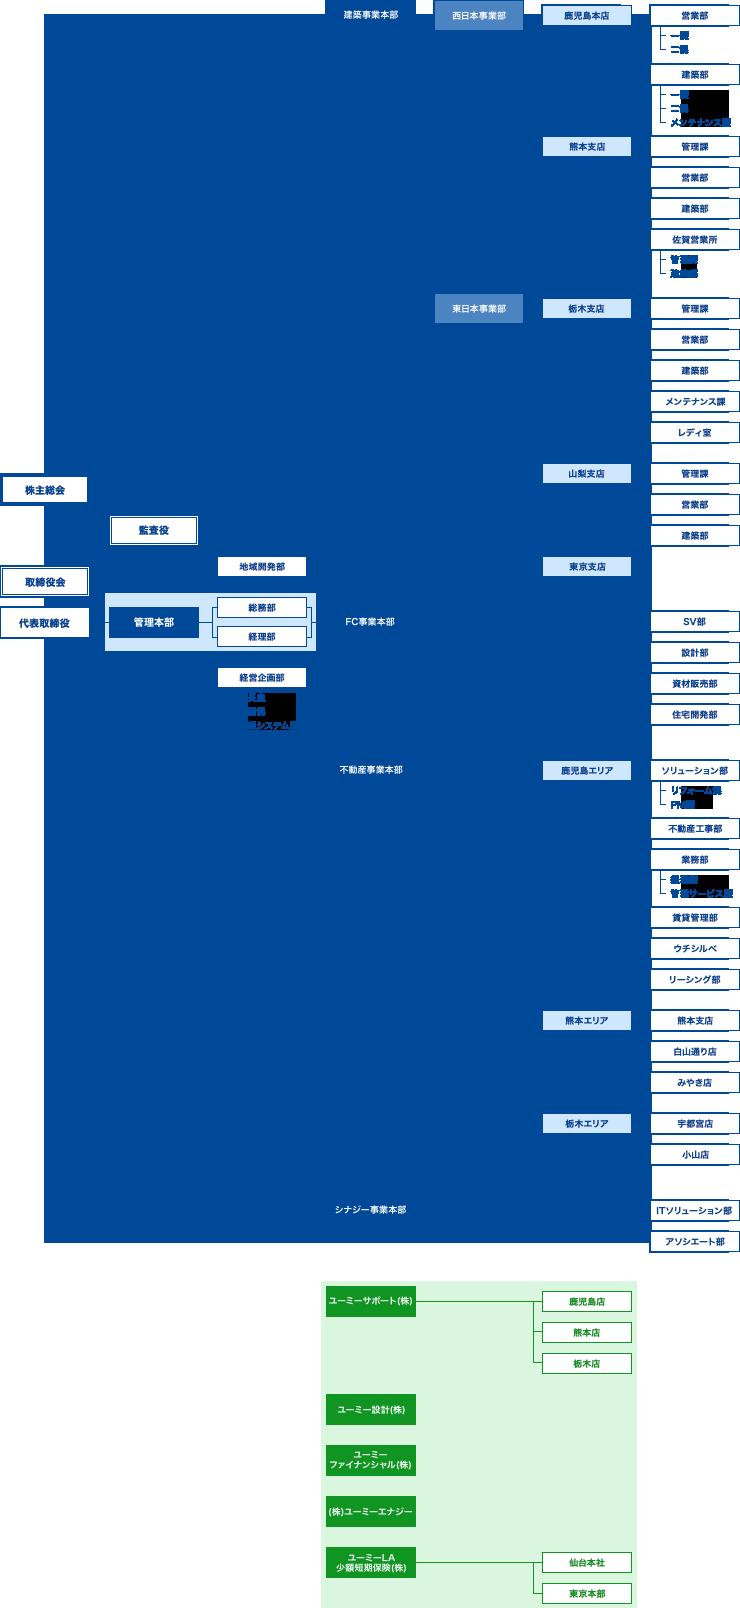 組織図 [2019.12]